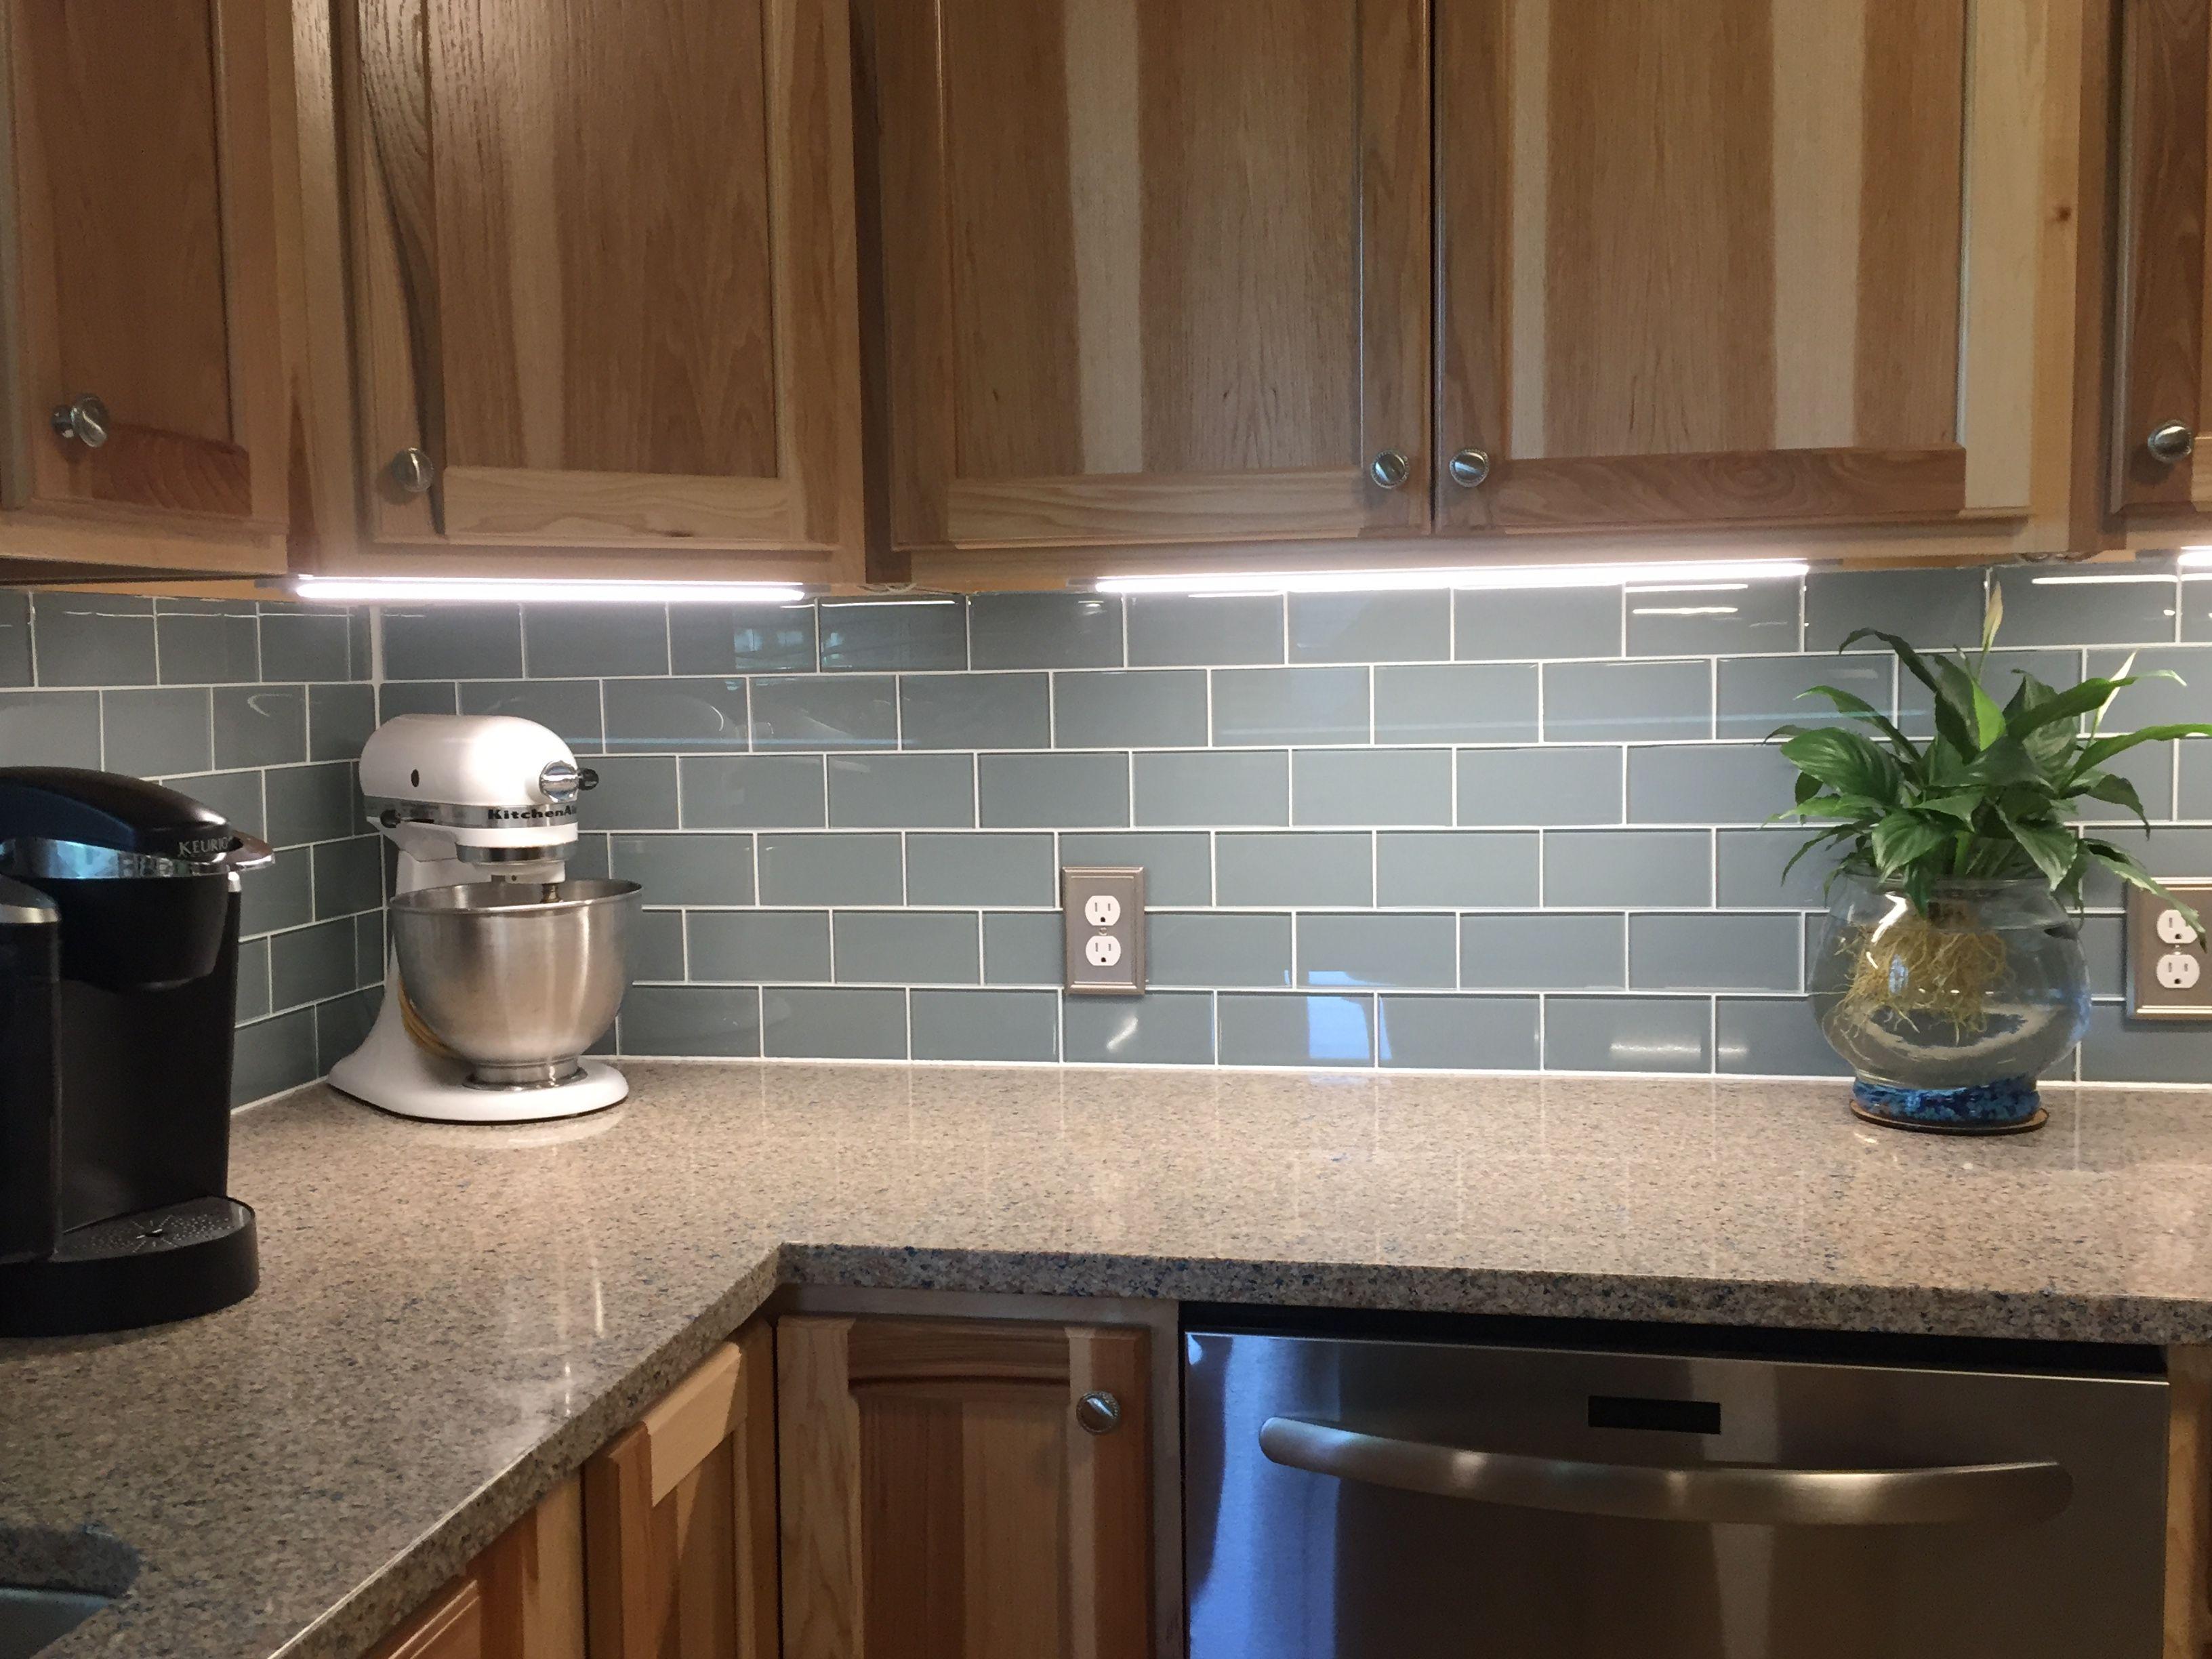 Smoky Blue Glass Tile Backsplash And Under Cabinet Lighting